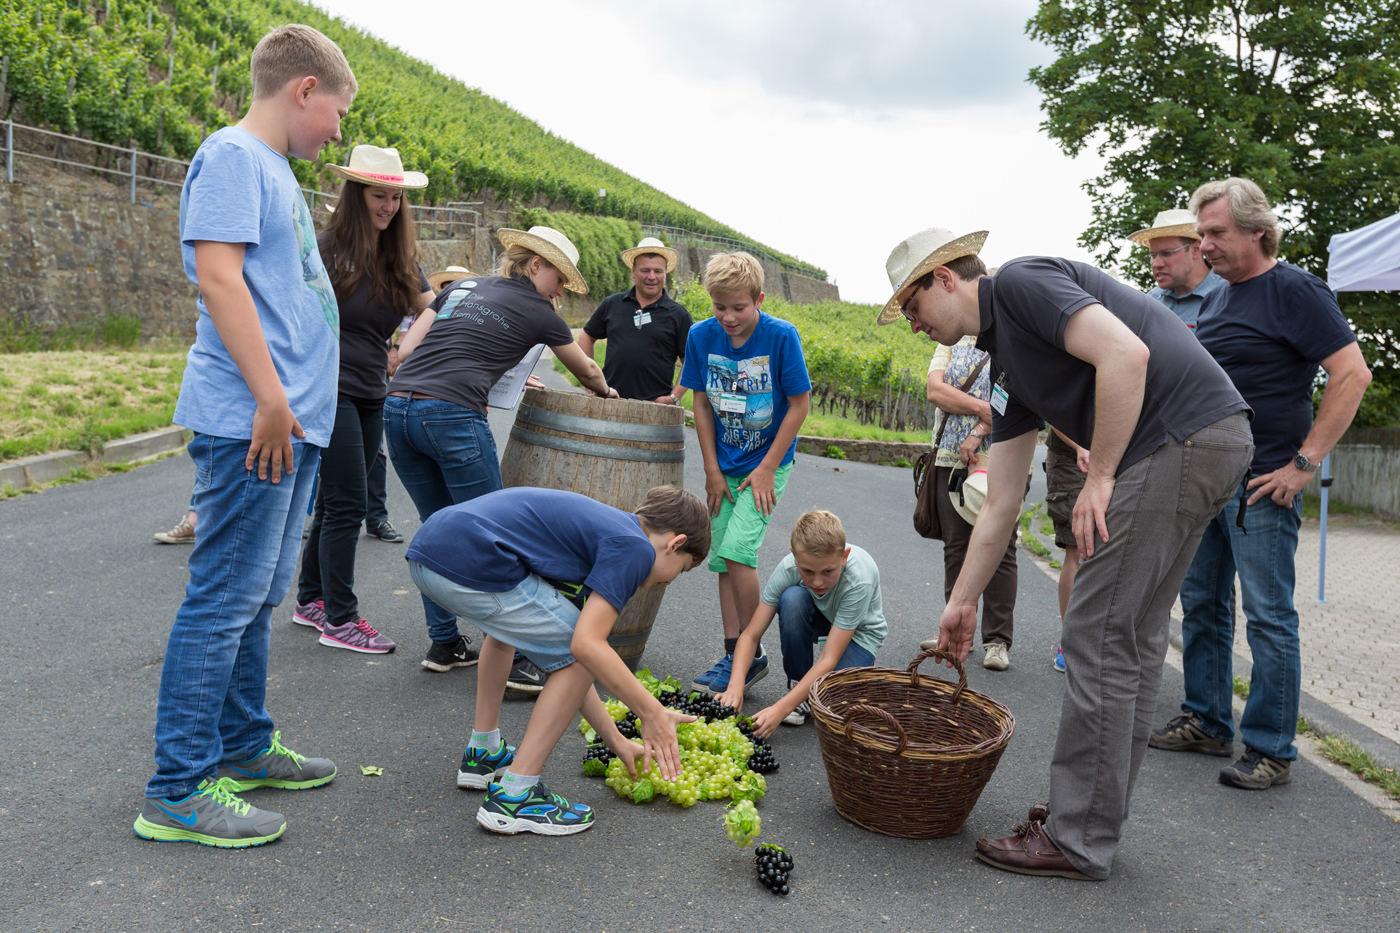 Events, Veranstaltungen, Hansgrohe, I-Club, Familienfest, Incentive, Winzer Rallye,  Bad Neuenahr, Agentur Ravensburger,